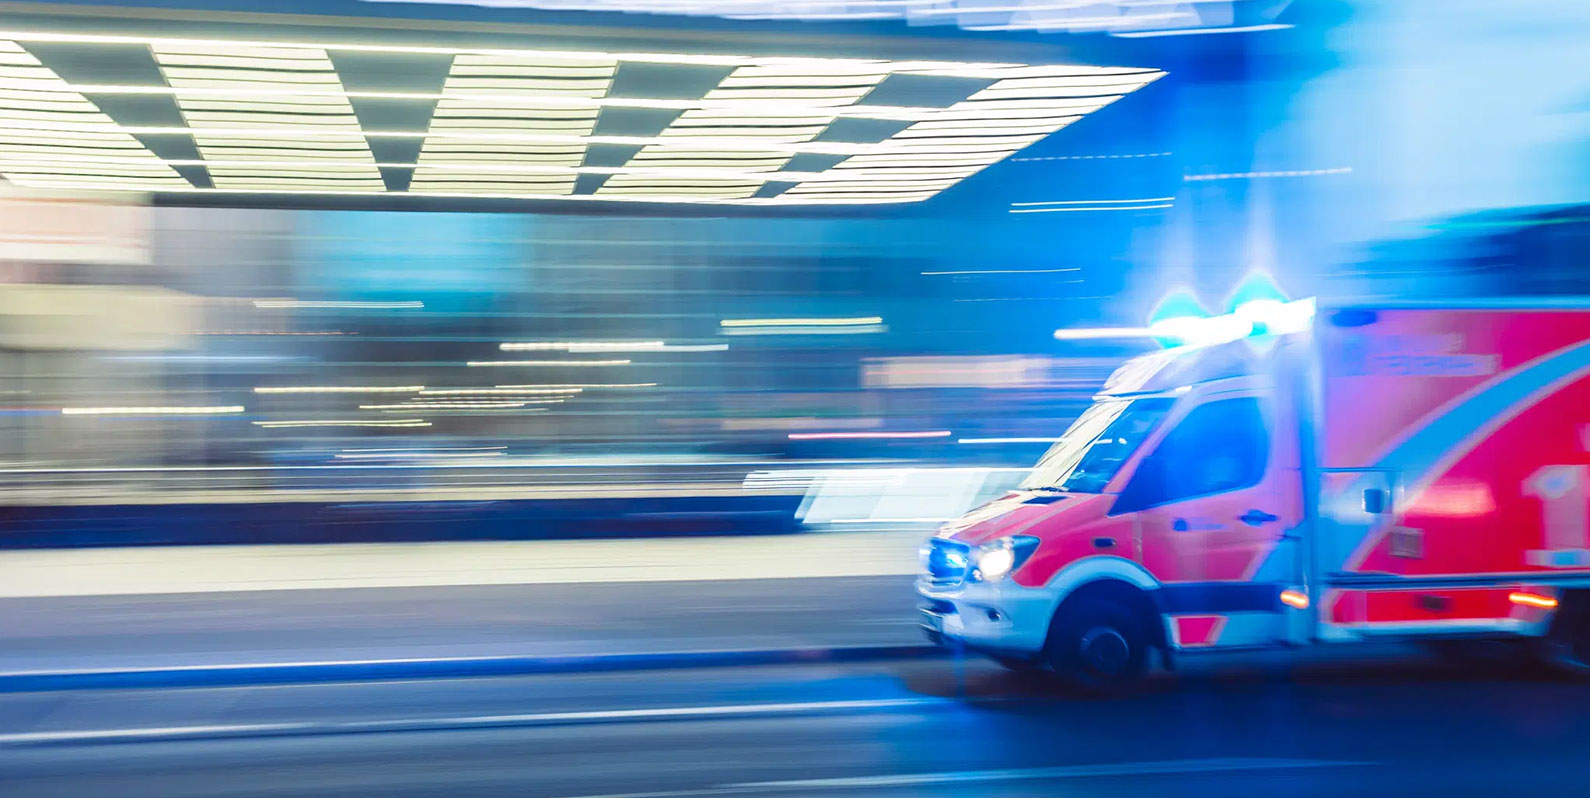 Um paciente morreu após ataques hackers de ransomware a um hospital da Alemanha